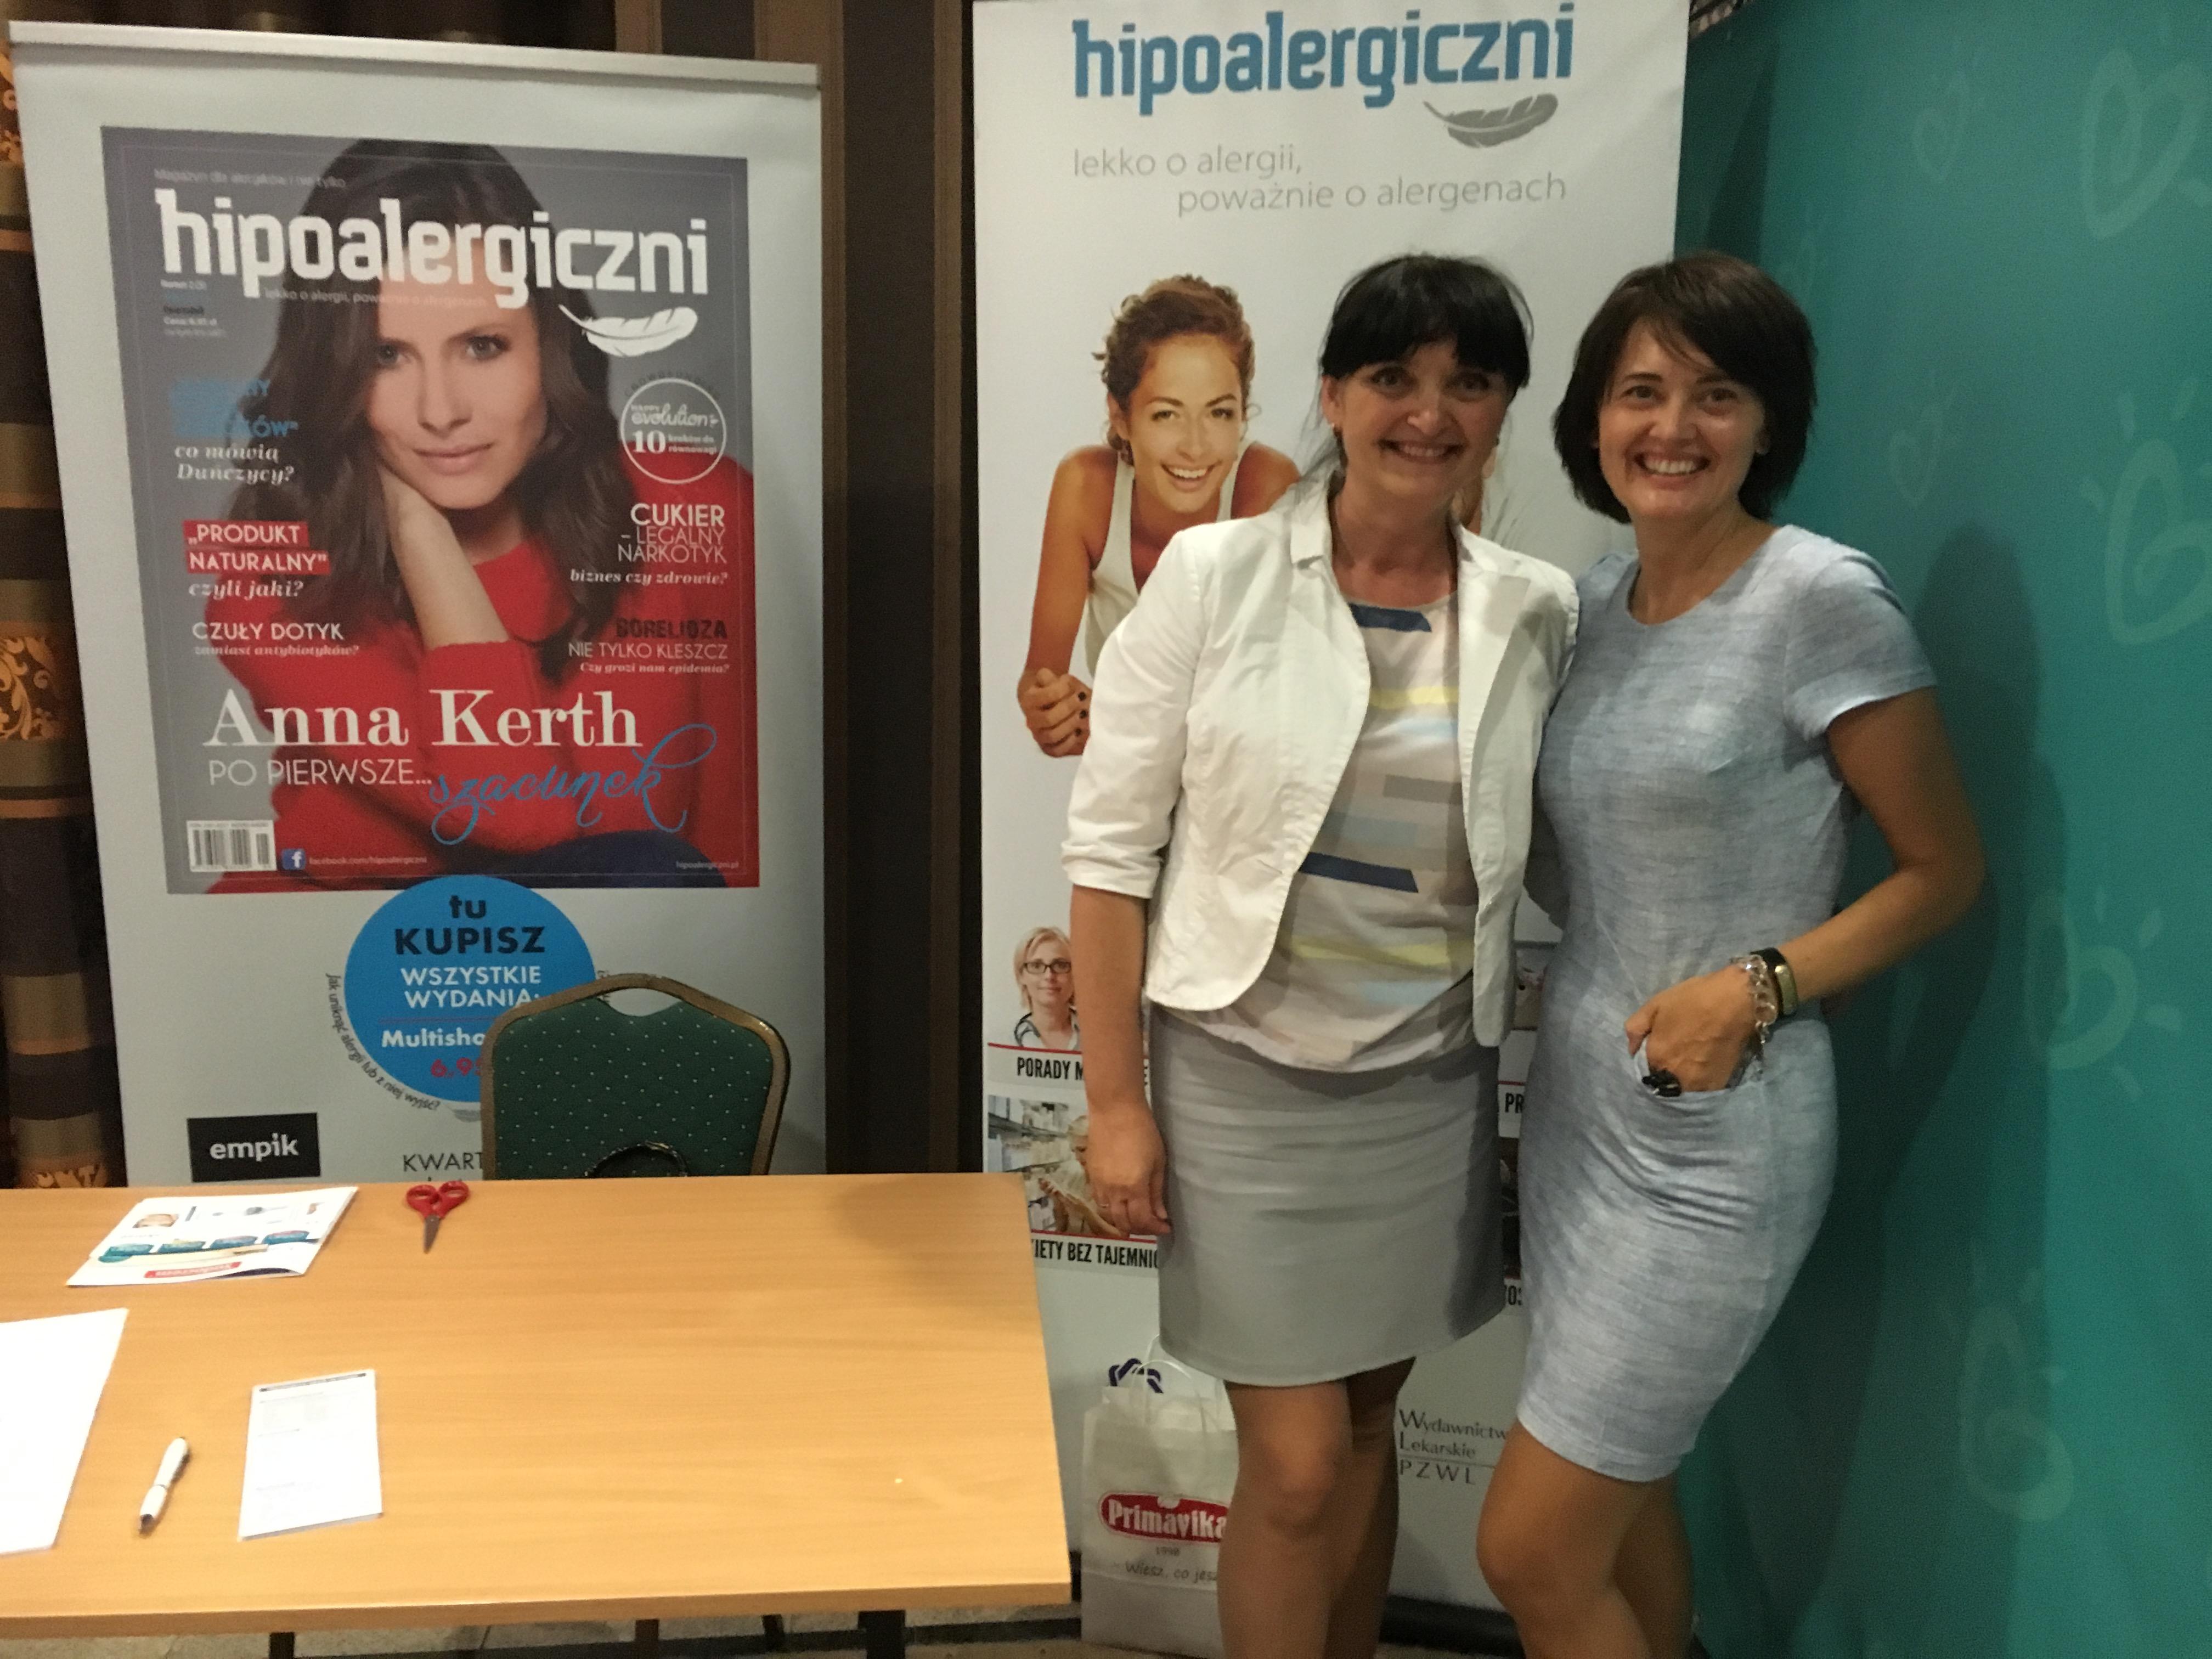 hipoalergiczni-VI-Kongres-Położnych-2016-5